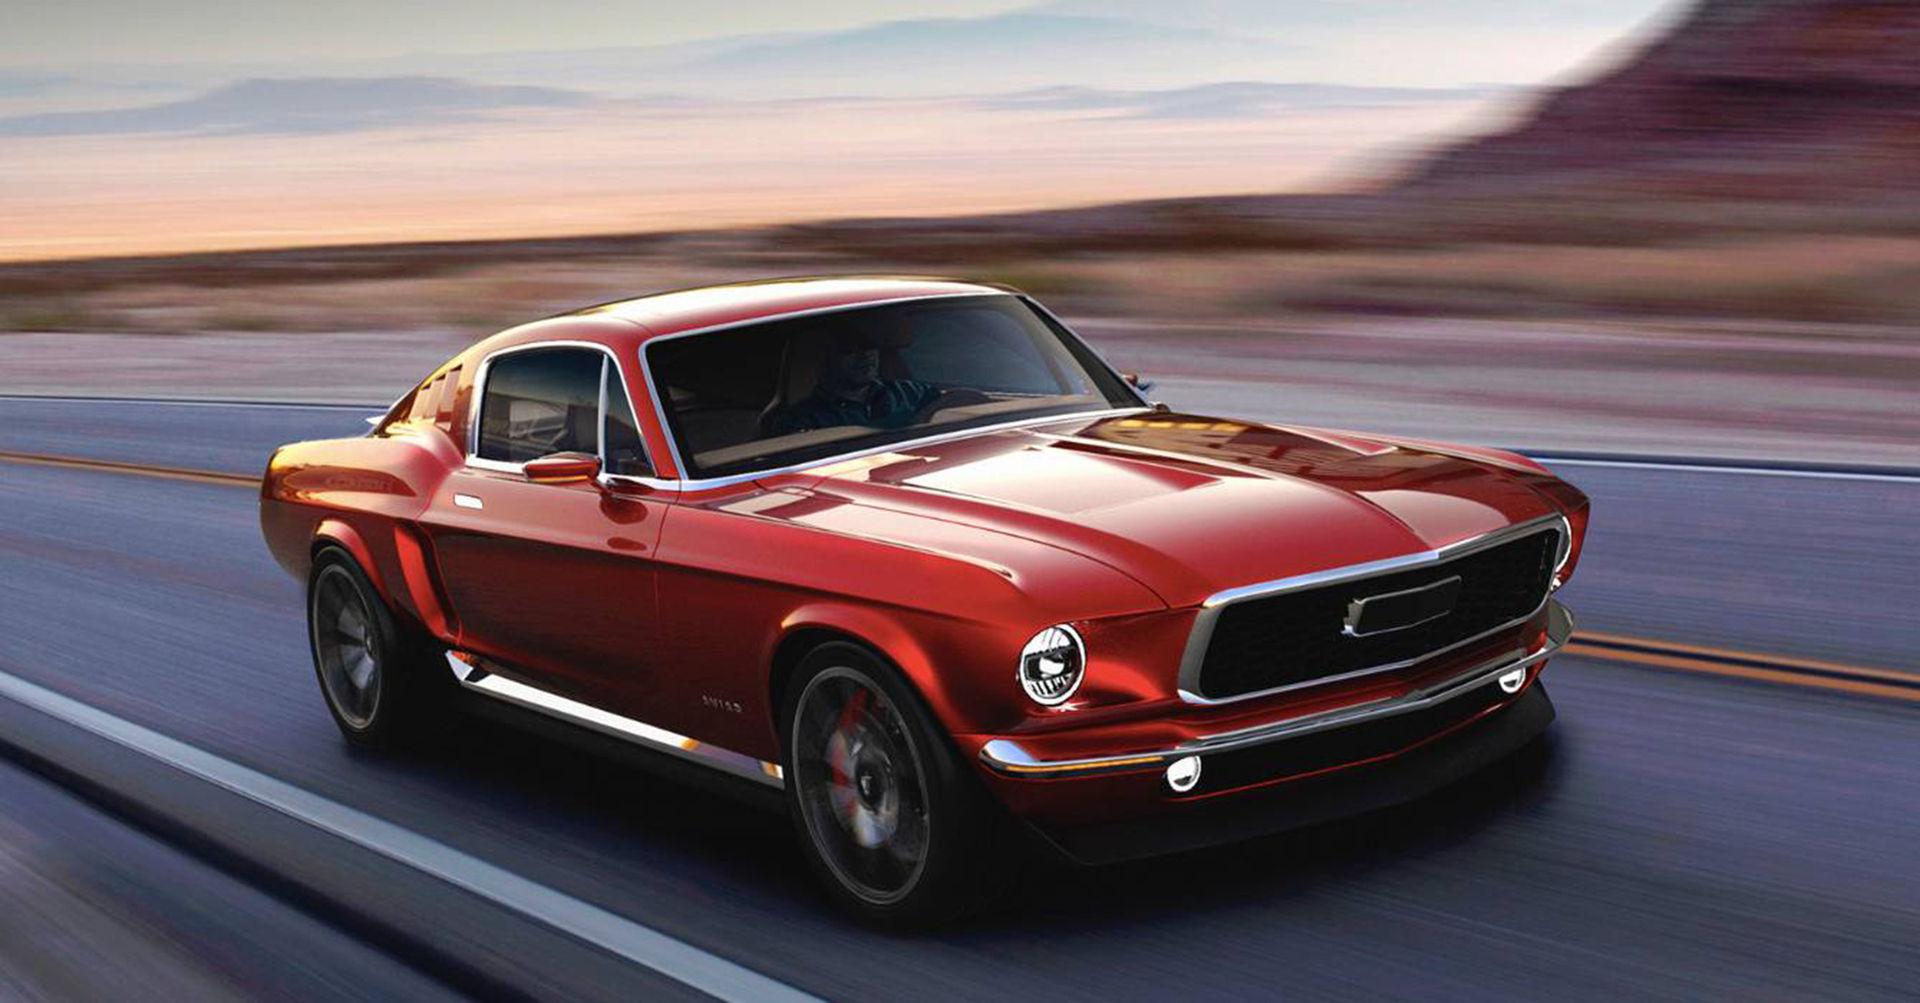 Rysk startup vill bygga eldriven klassisk Mustang